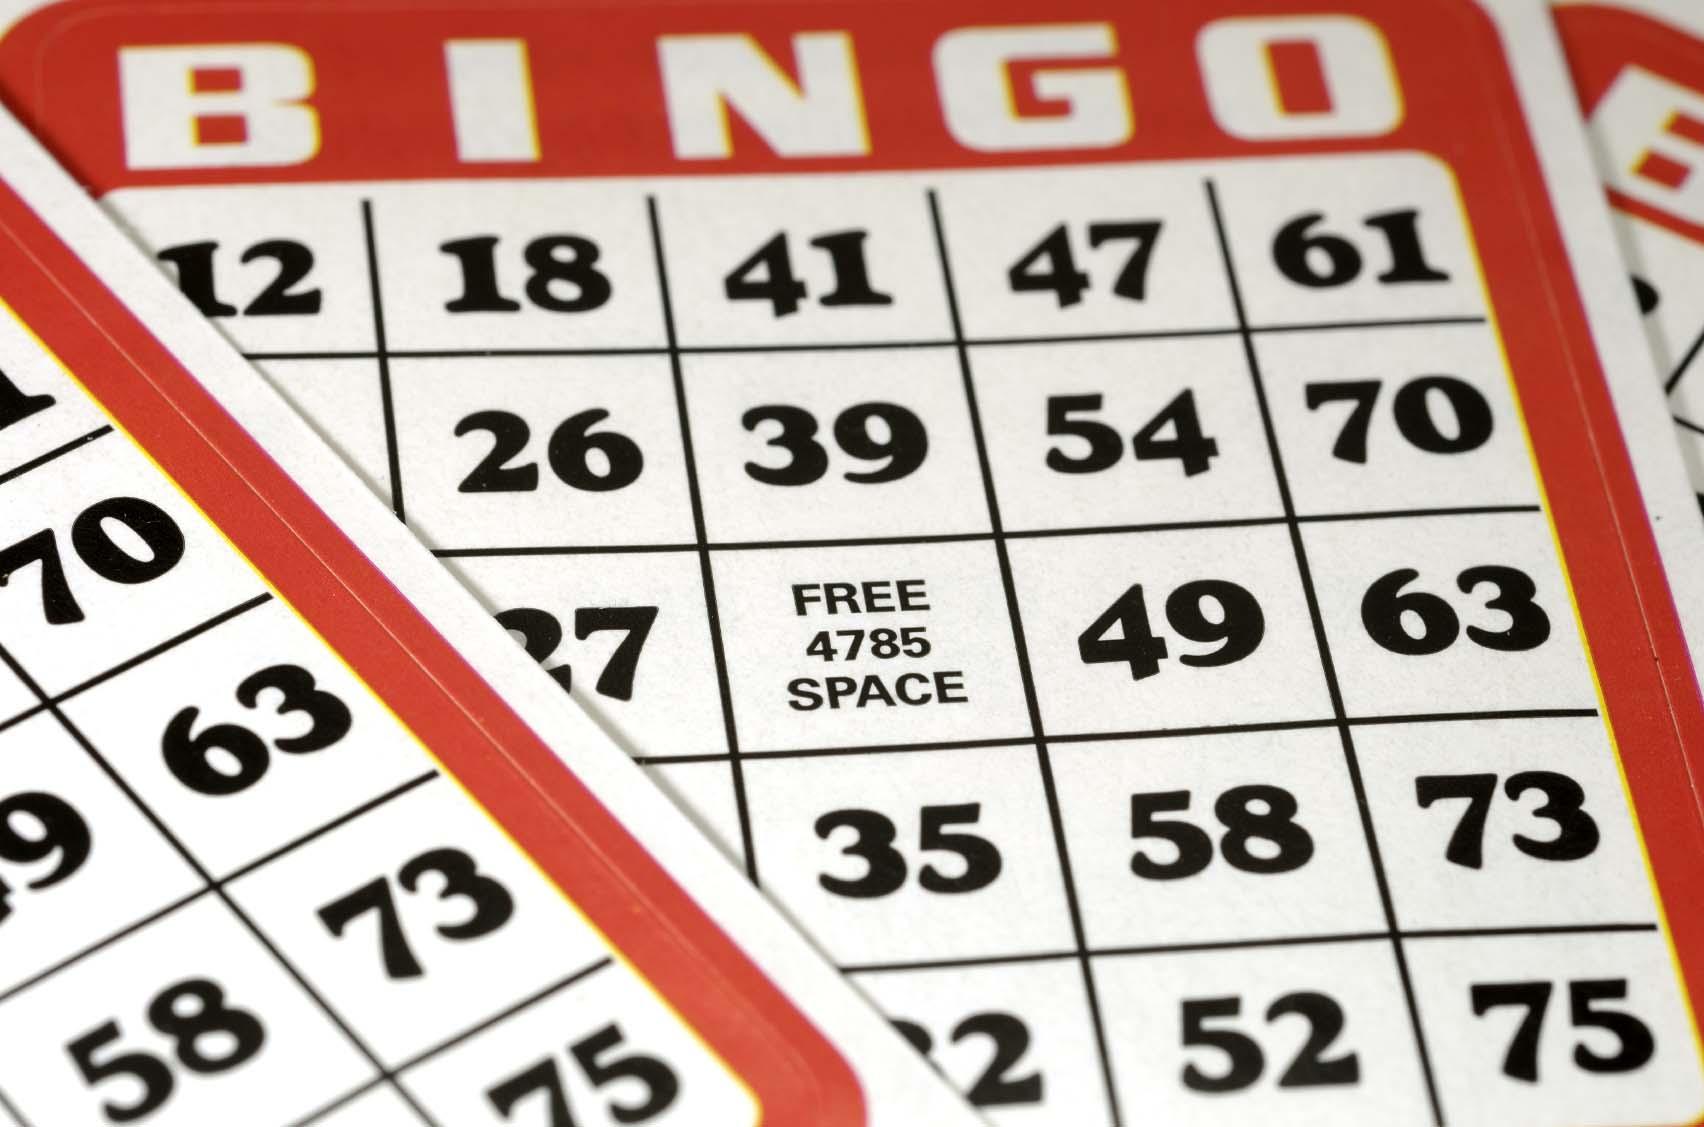 Bingo black jack play yourbestonlinecasino.com isle of capris casino lake charles